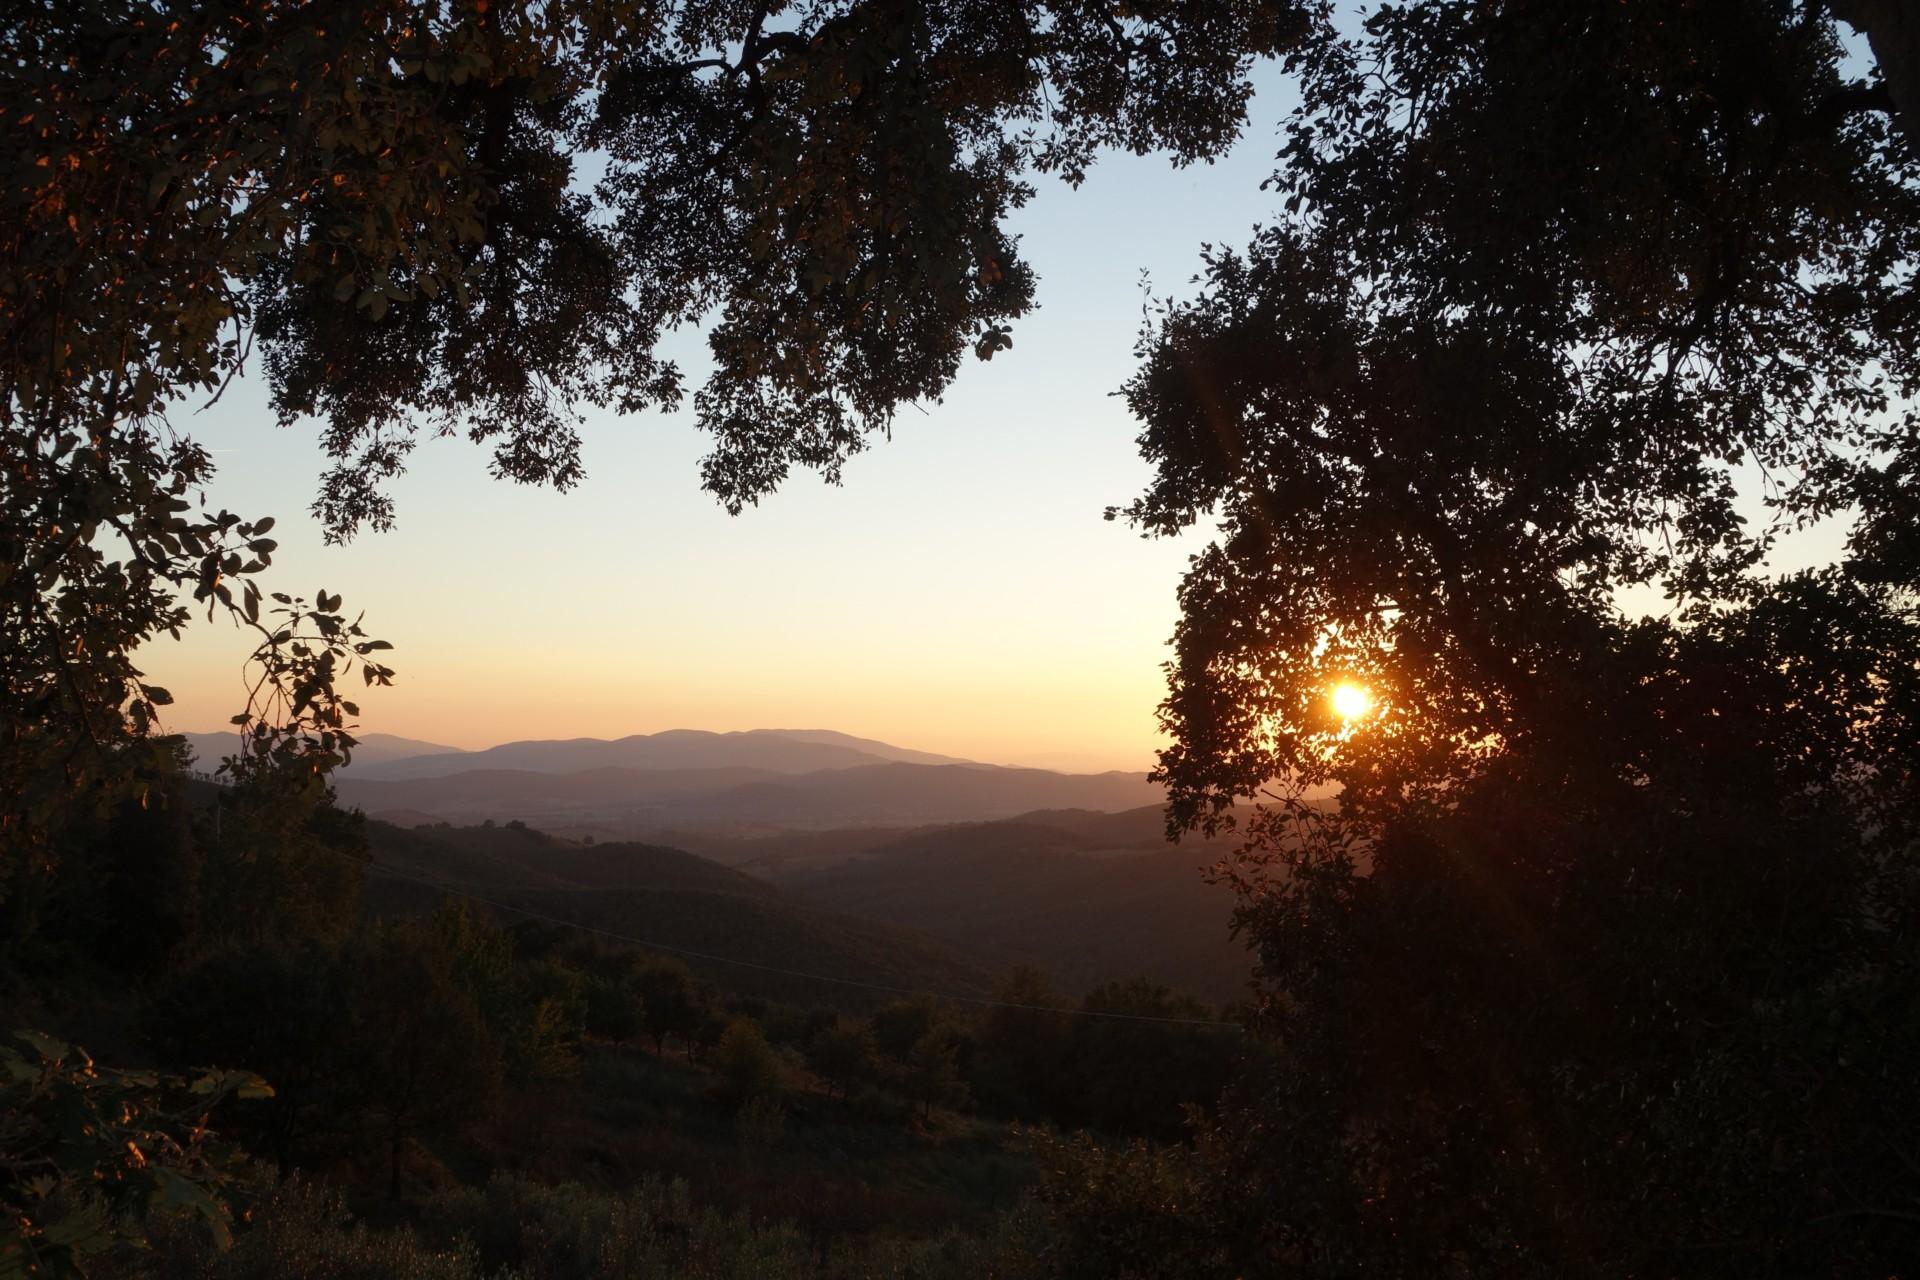 Einer der vielen atemberaubenden Sonnenuntergänge